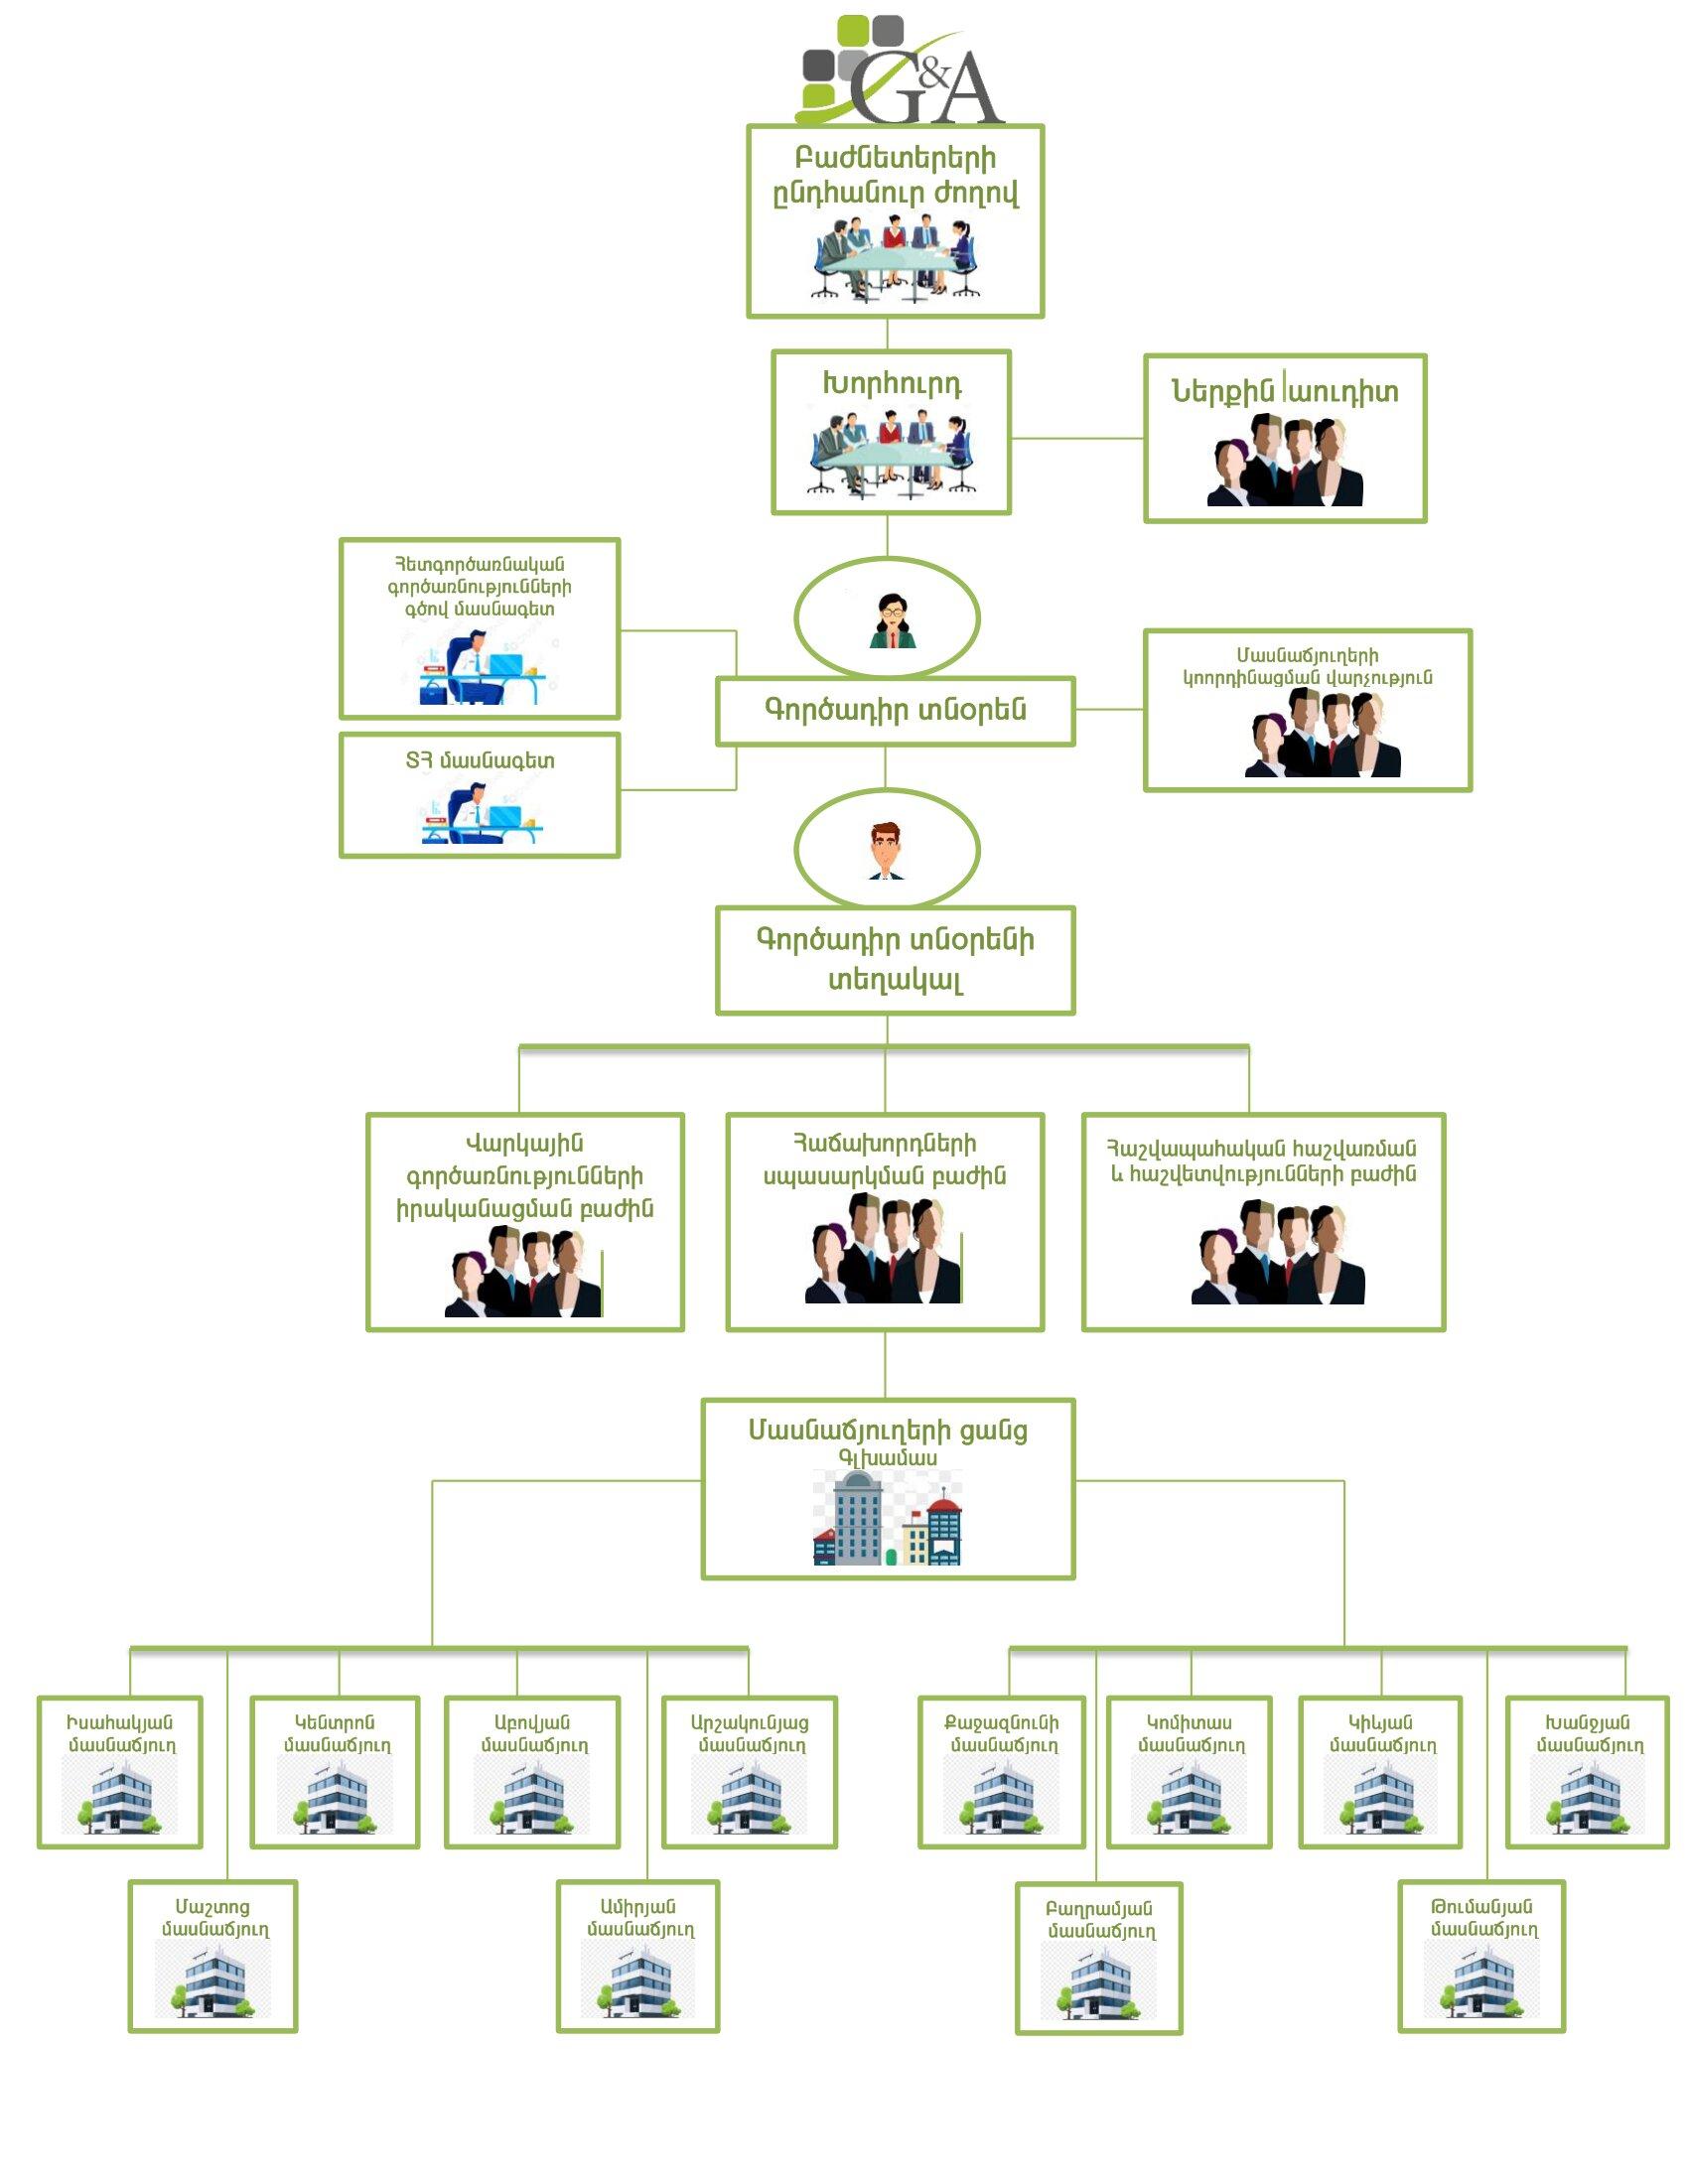 Կազմակերպության կառուցվածքը